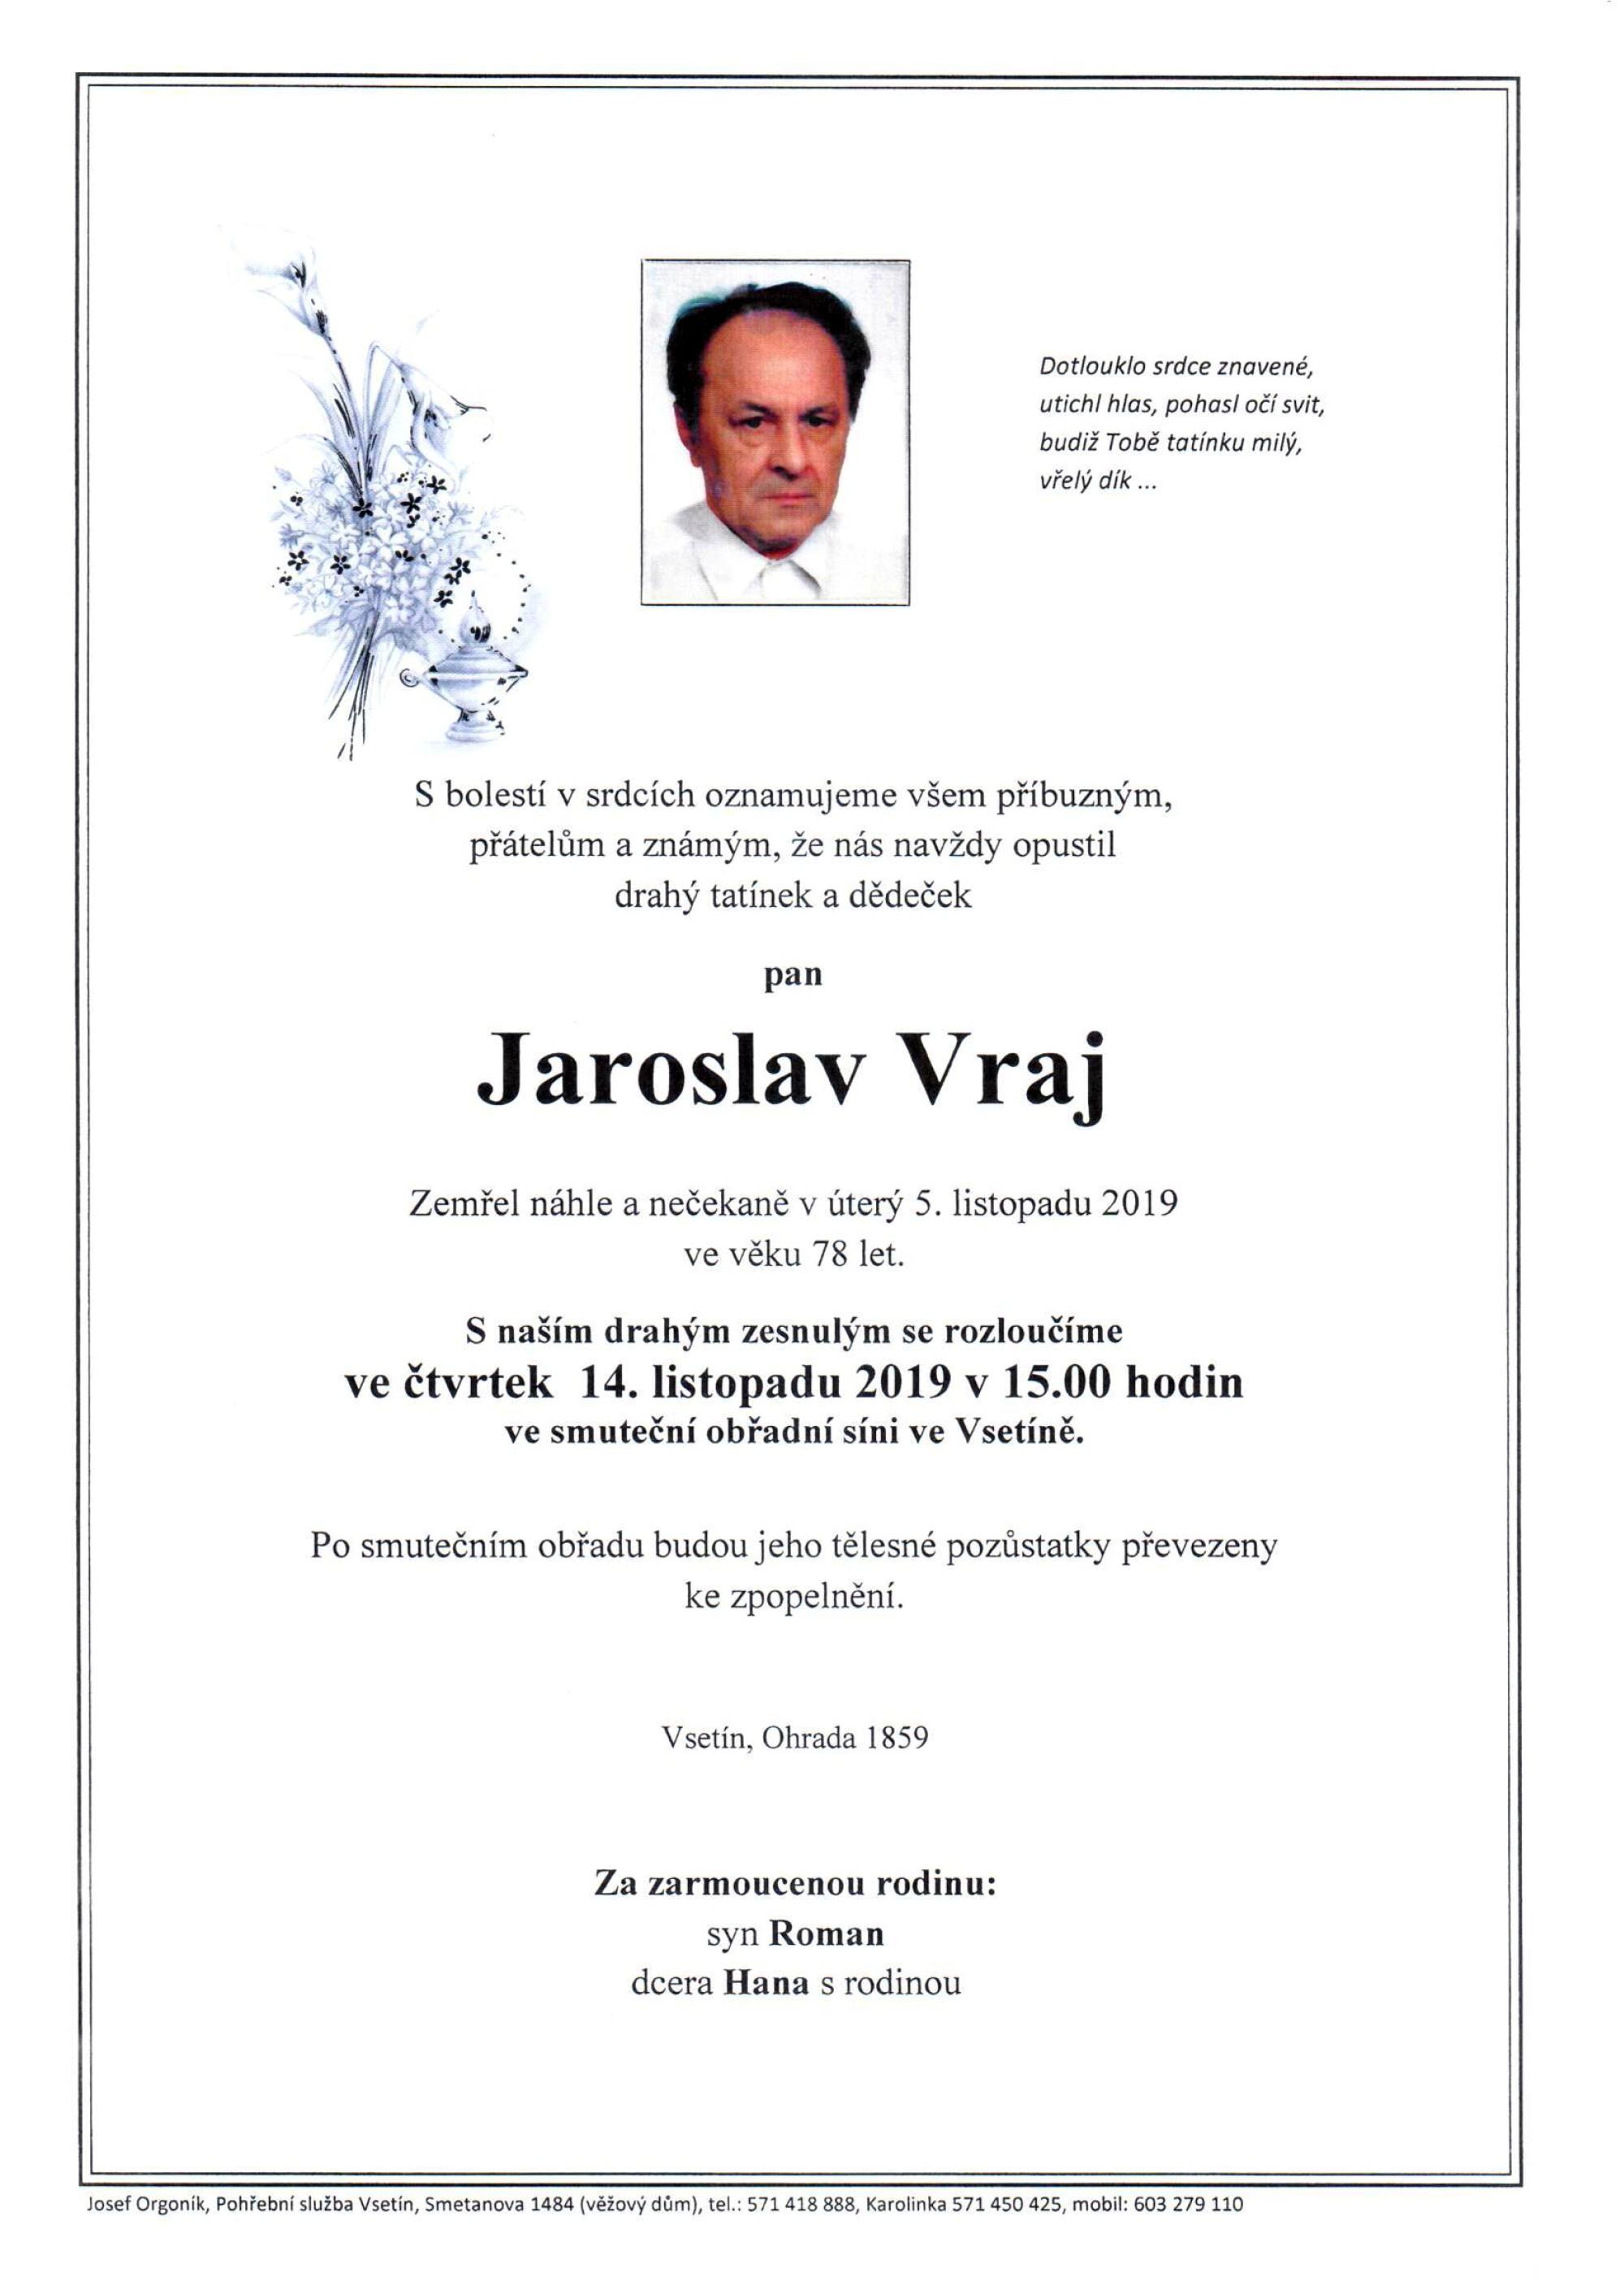 Jaroslav Vraj